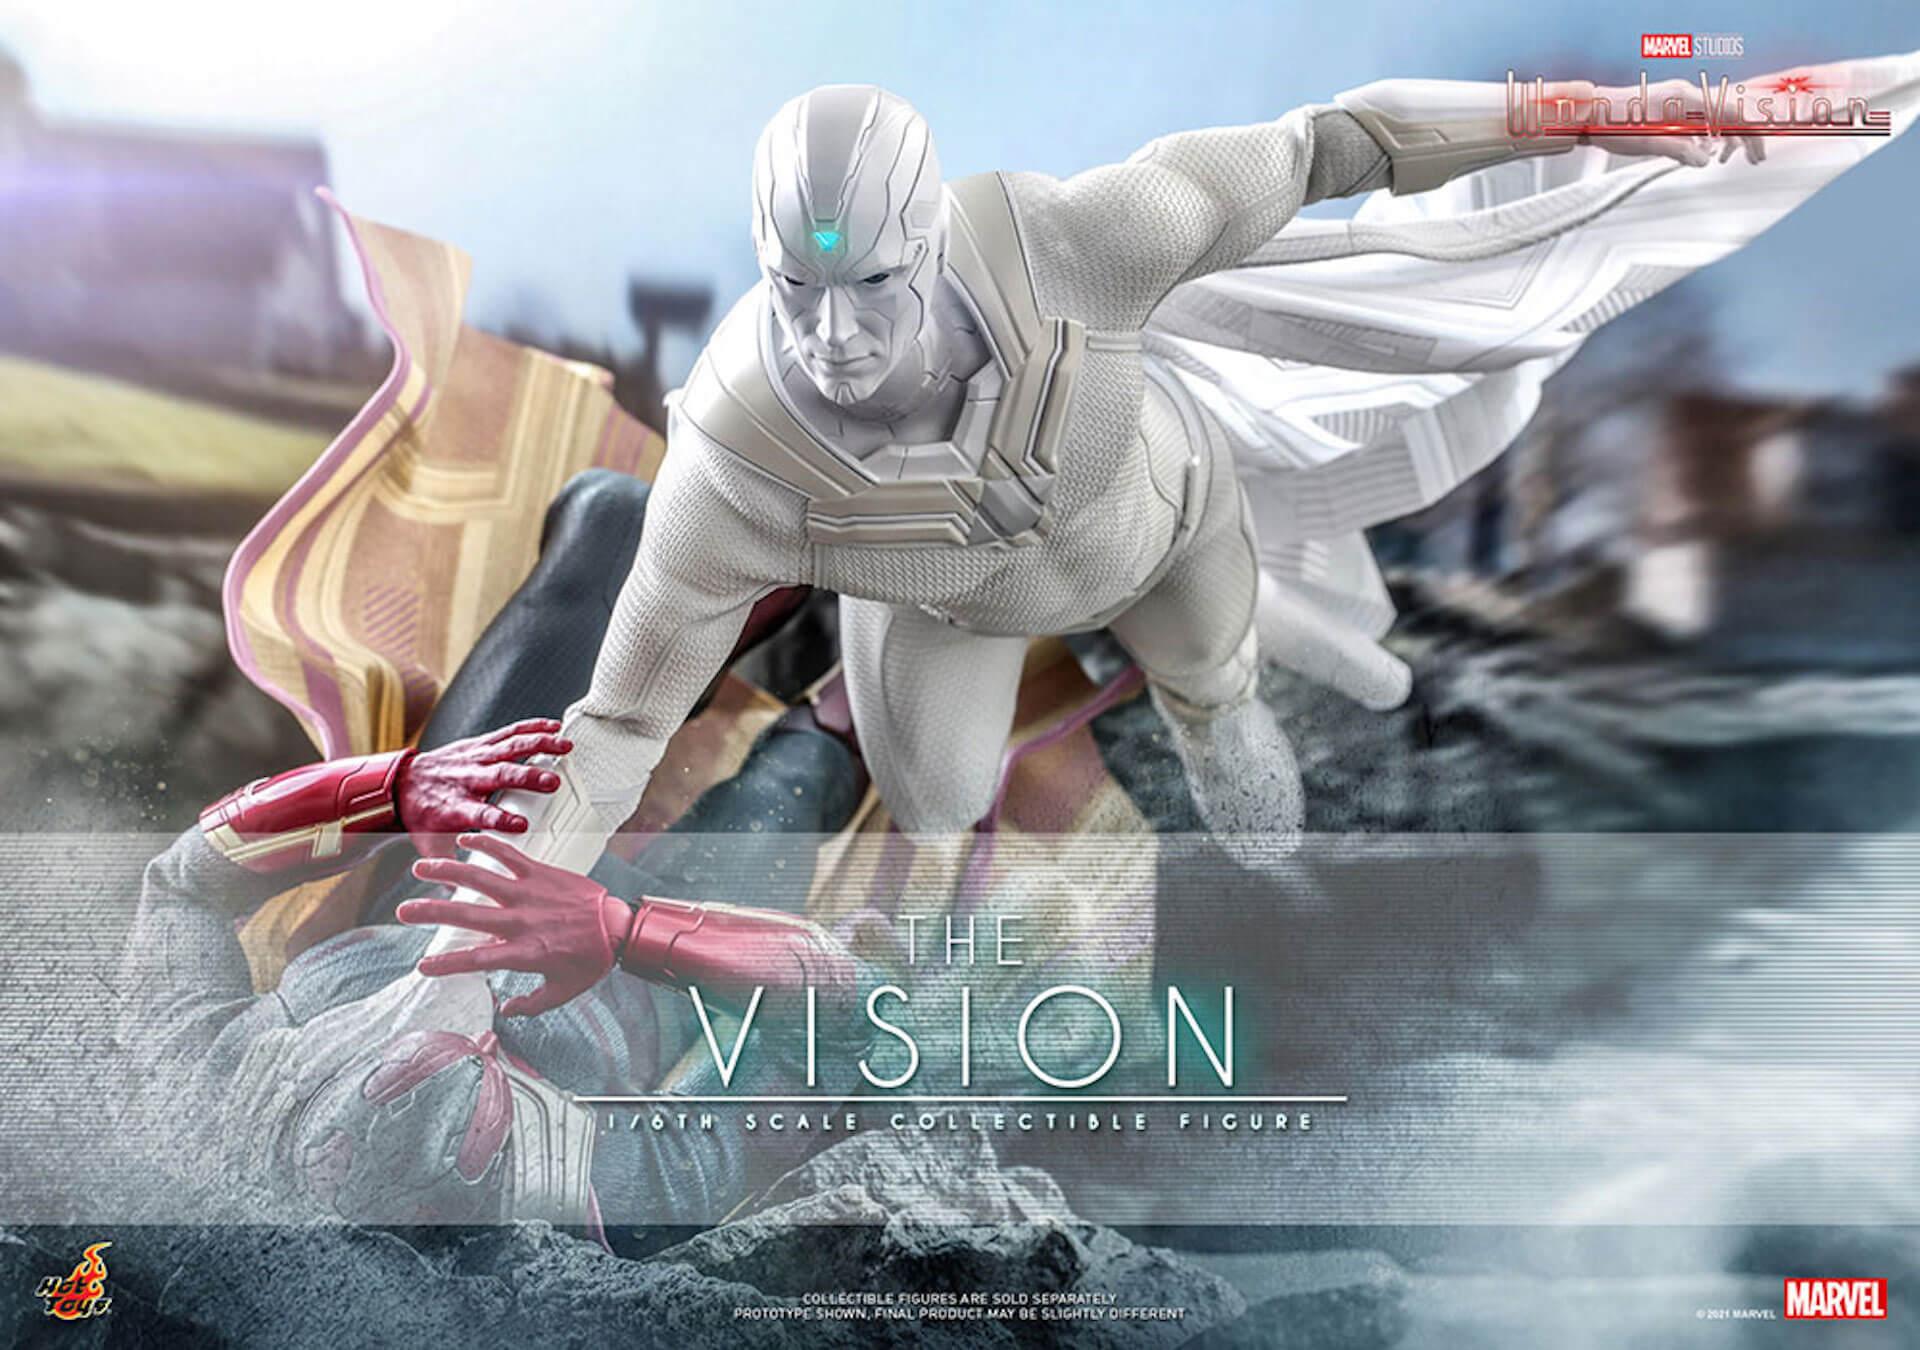 マーベル・スタジオ『ワンダヴィジョン』のザ・ヴィジョンが超リアルなフィギュアになって登場!ホットトイズから発売決定 art210706_thevision_hottoys_8